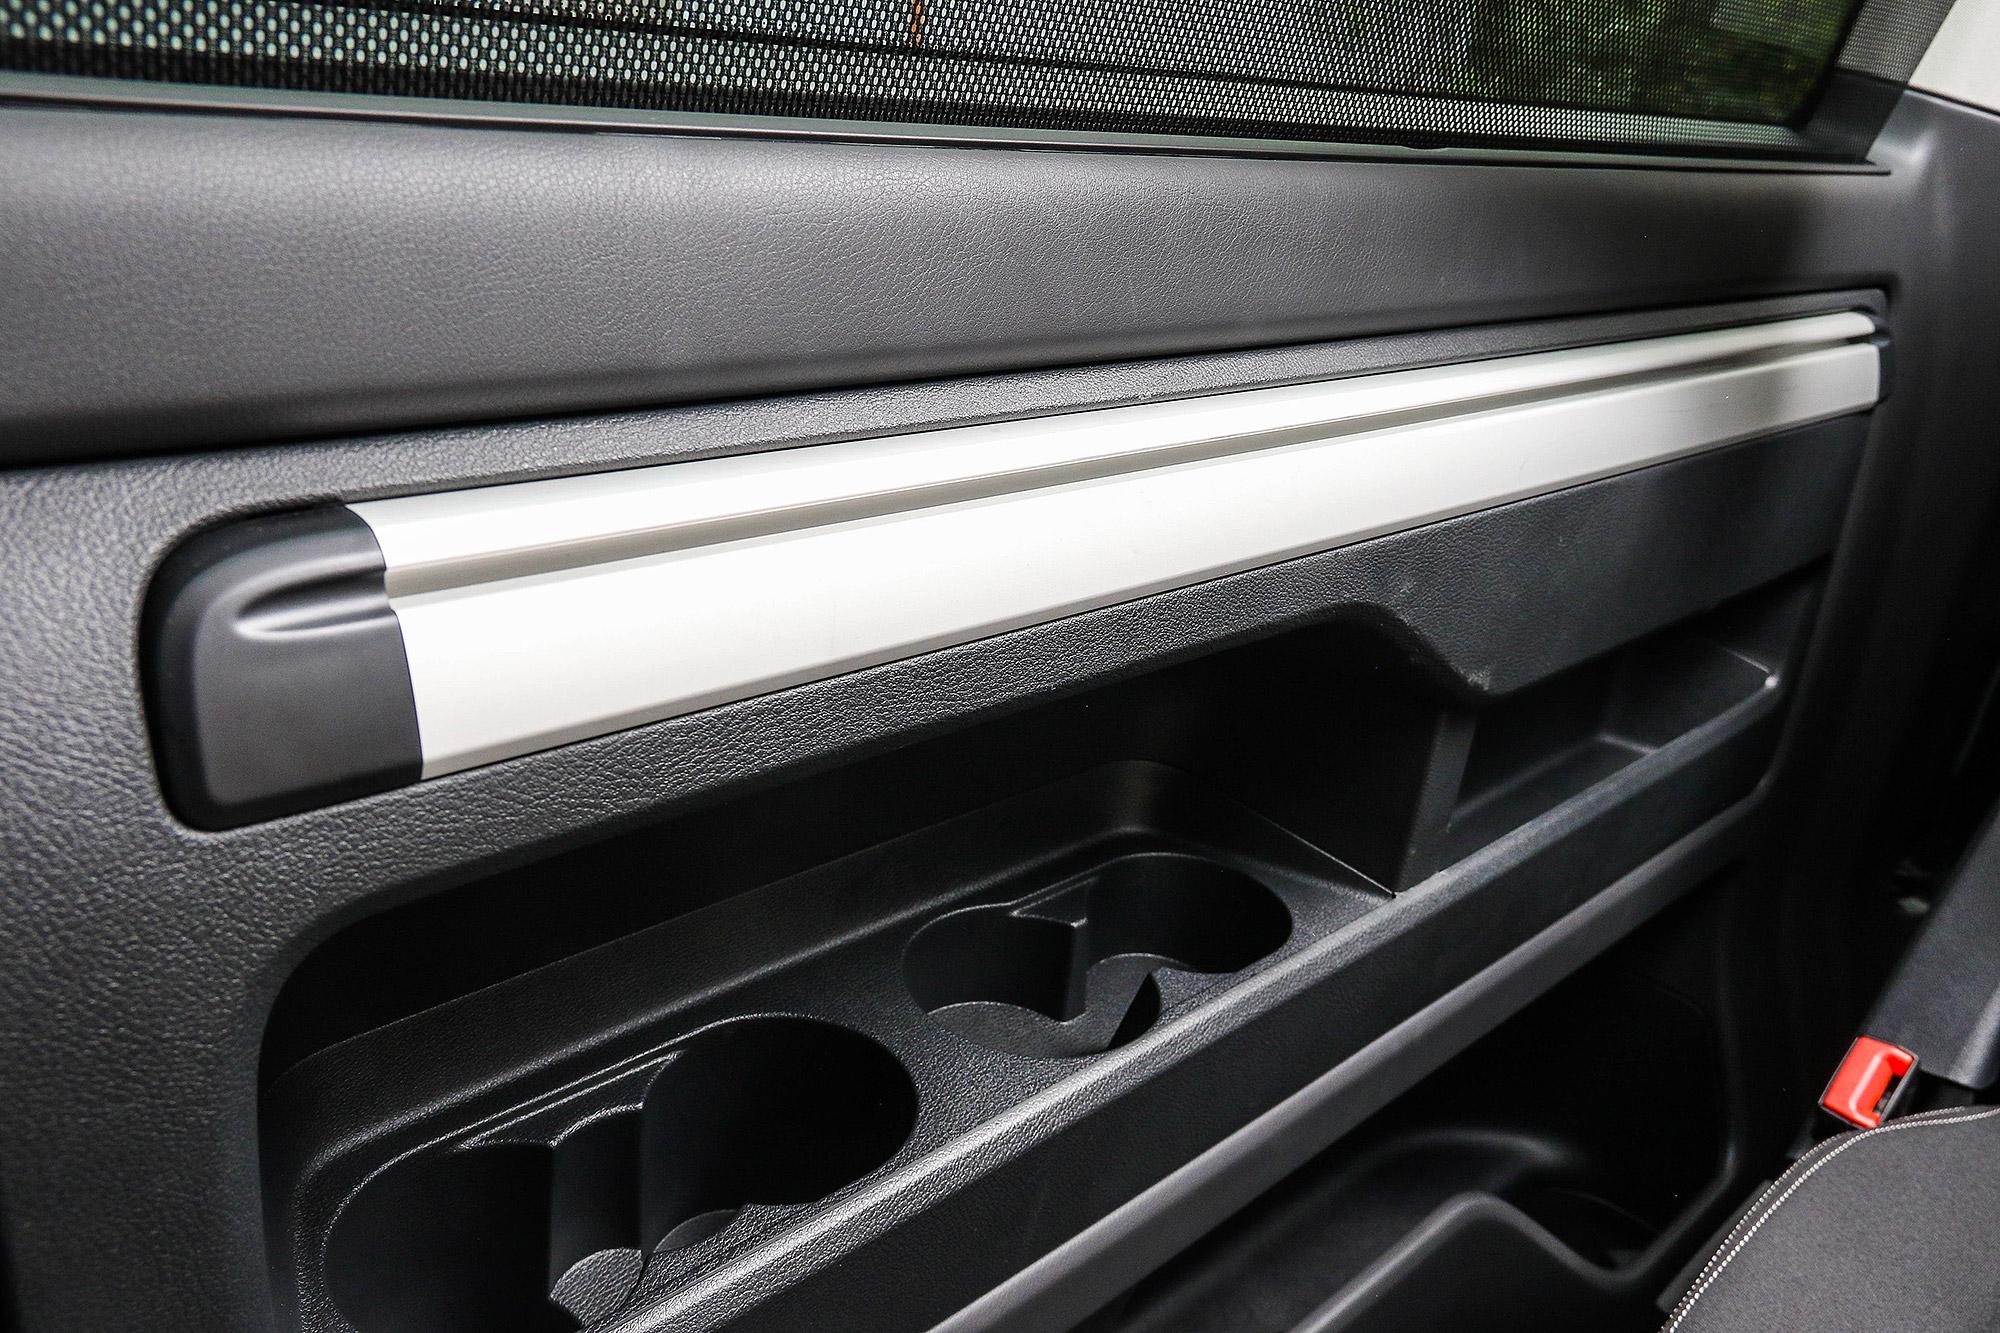 折疊桌依靠此滑軌固定於車內。